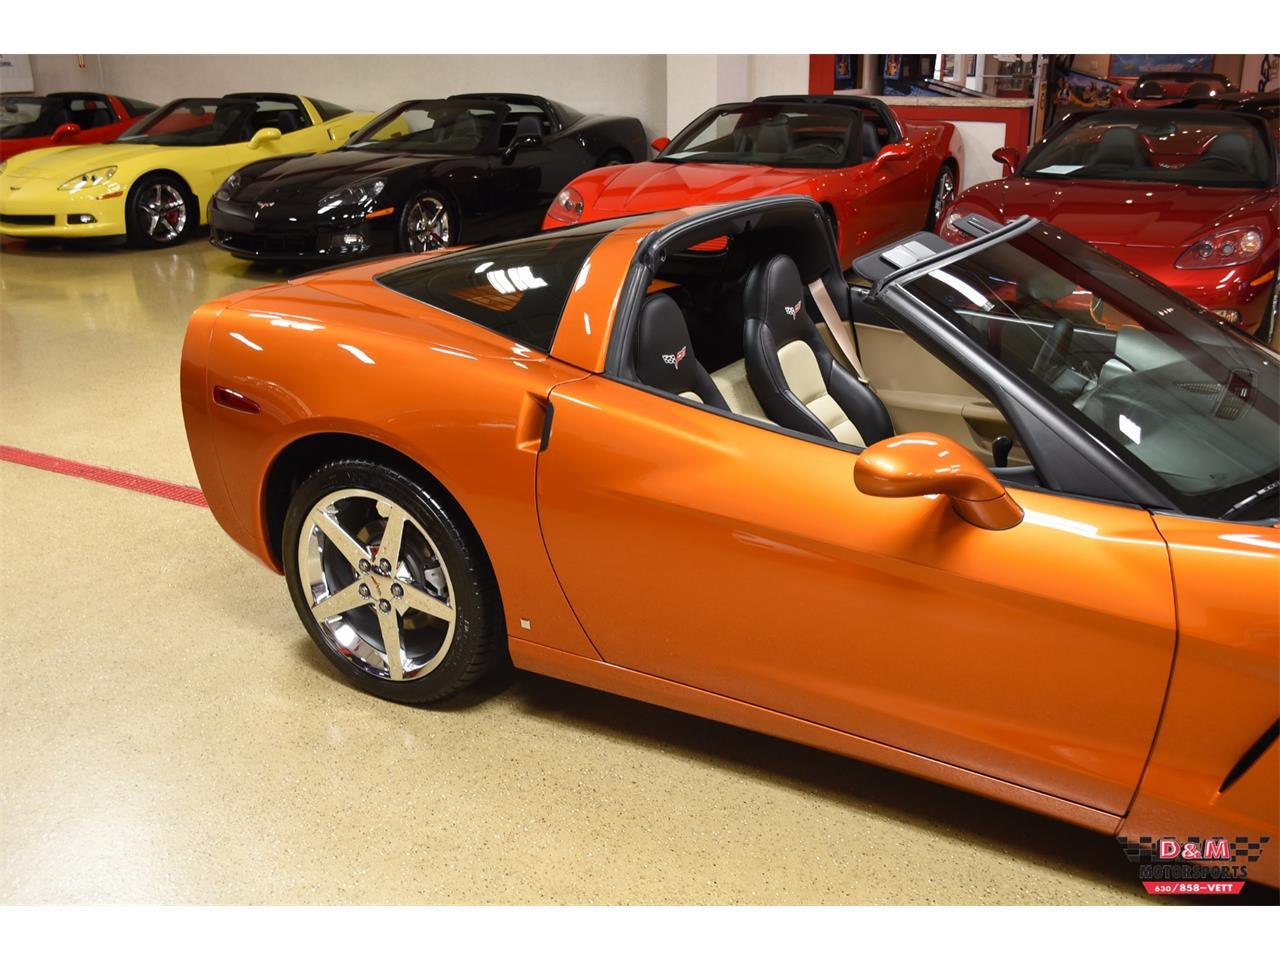 2007 Chevrolet Corvette (CC-1217875) for sale in Glen Ellyn, Illinois